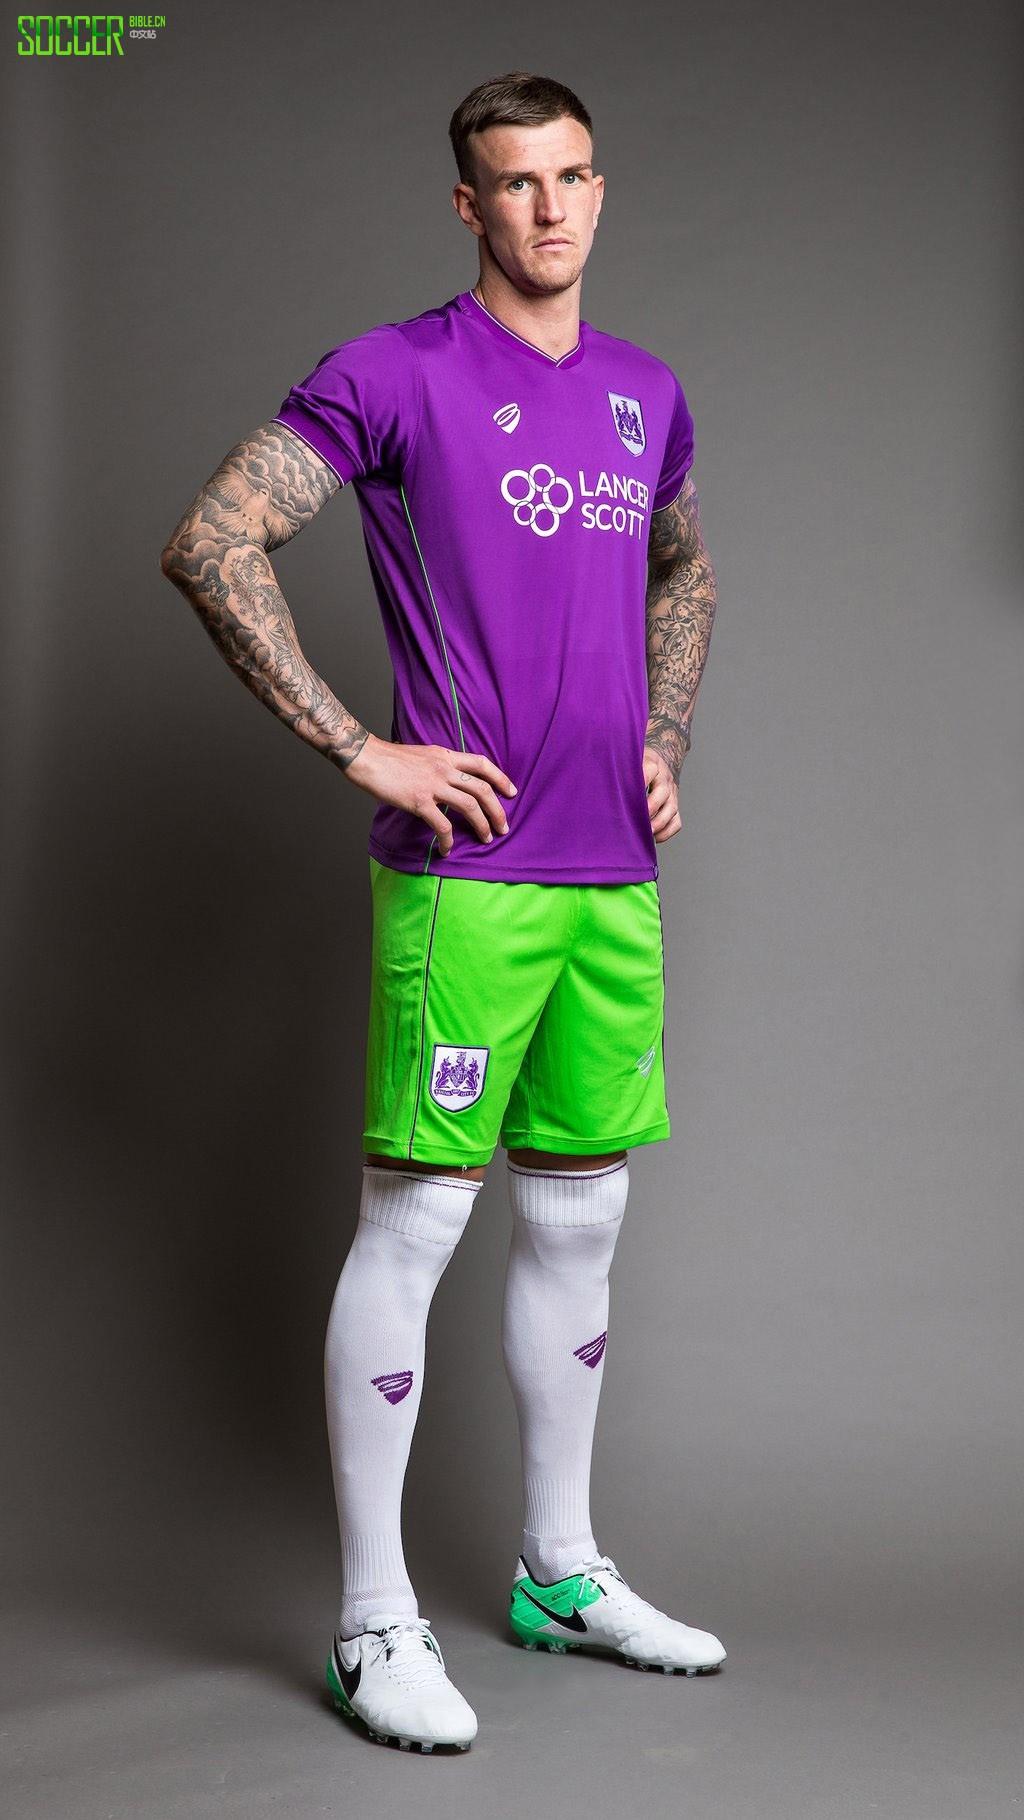 Bristol City 发布 17/18 客场队服